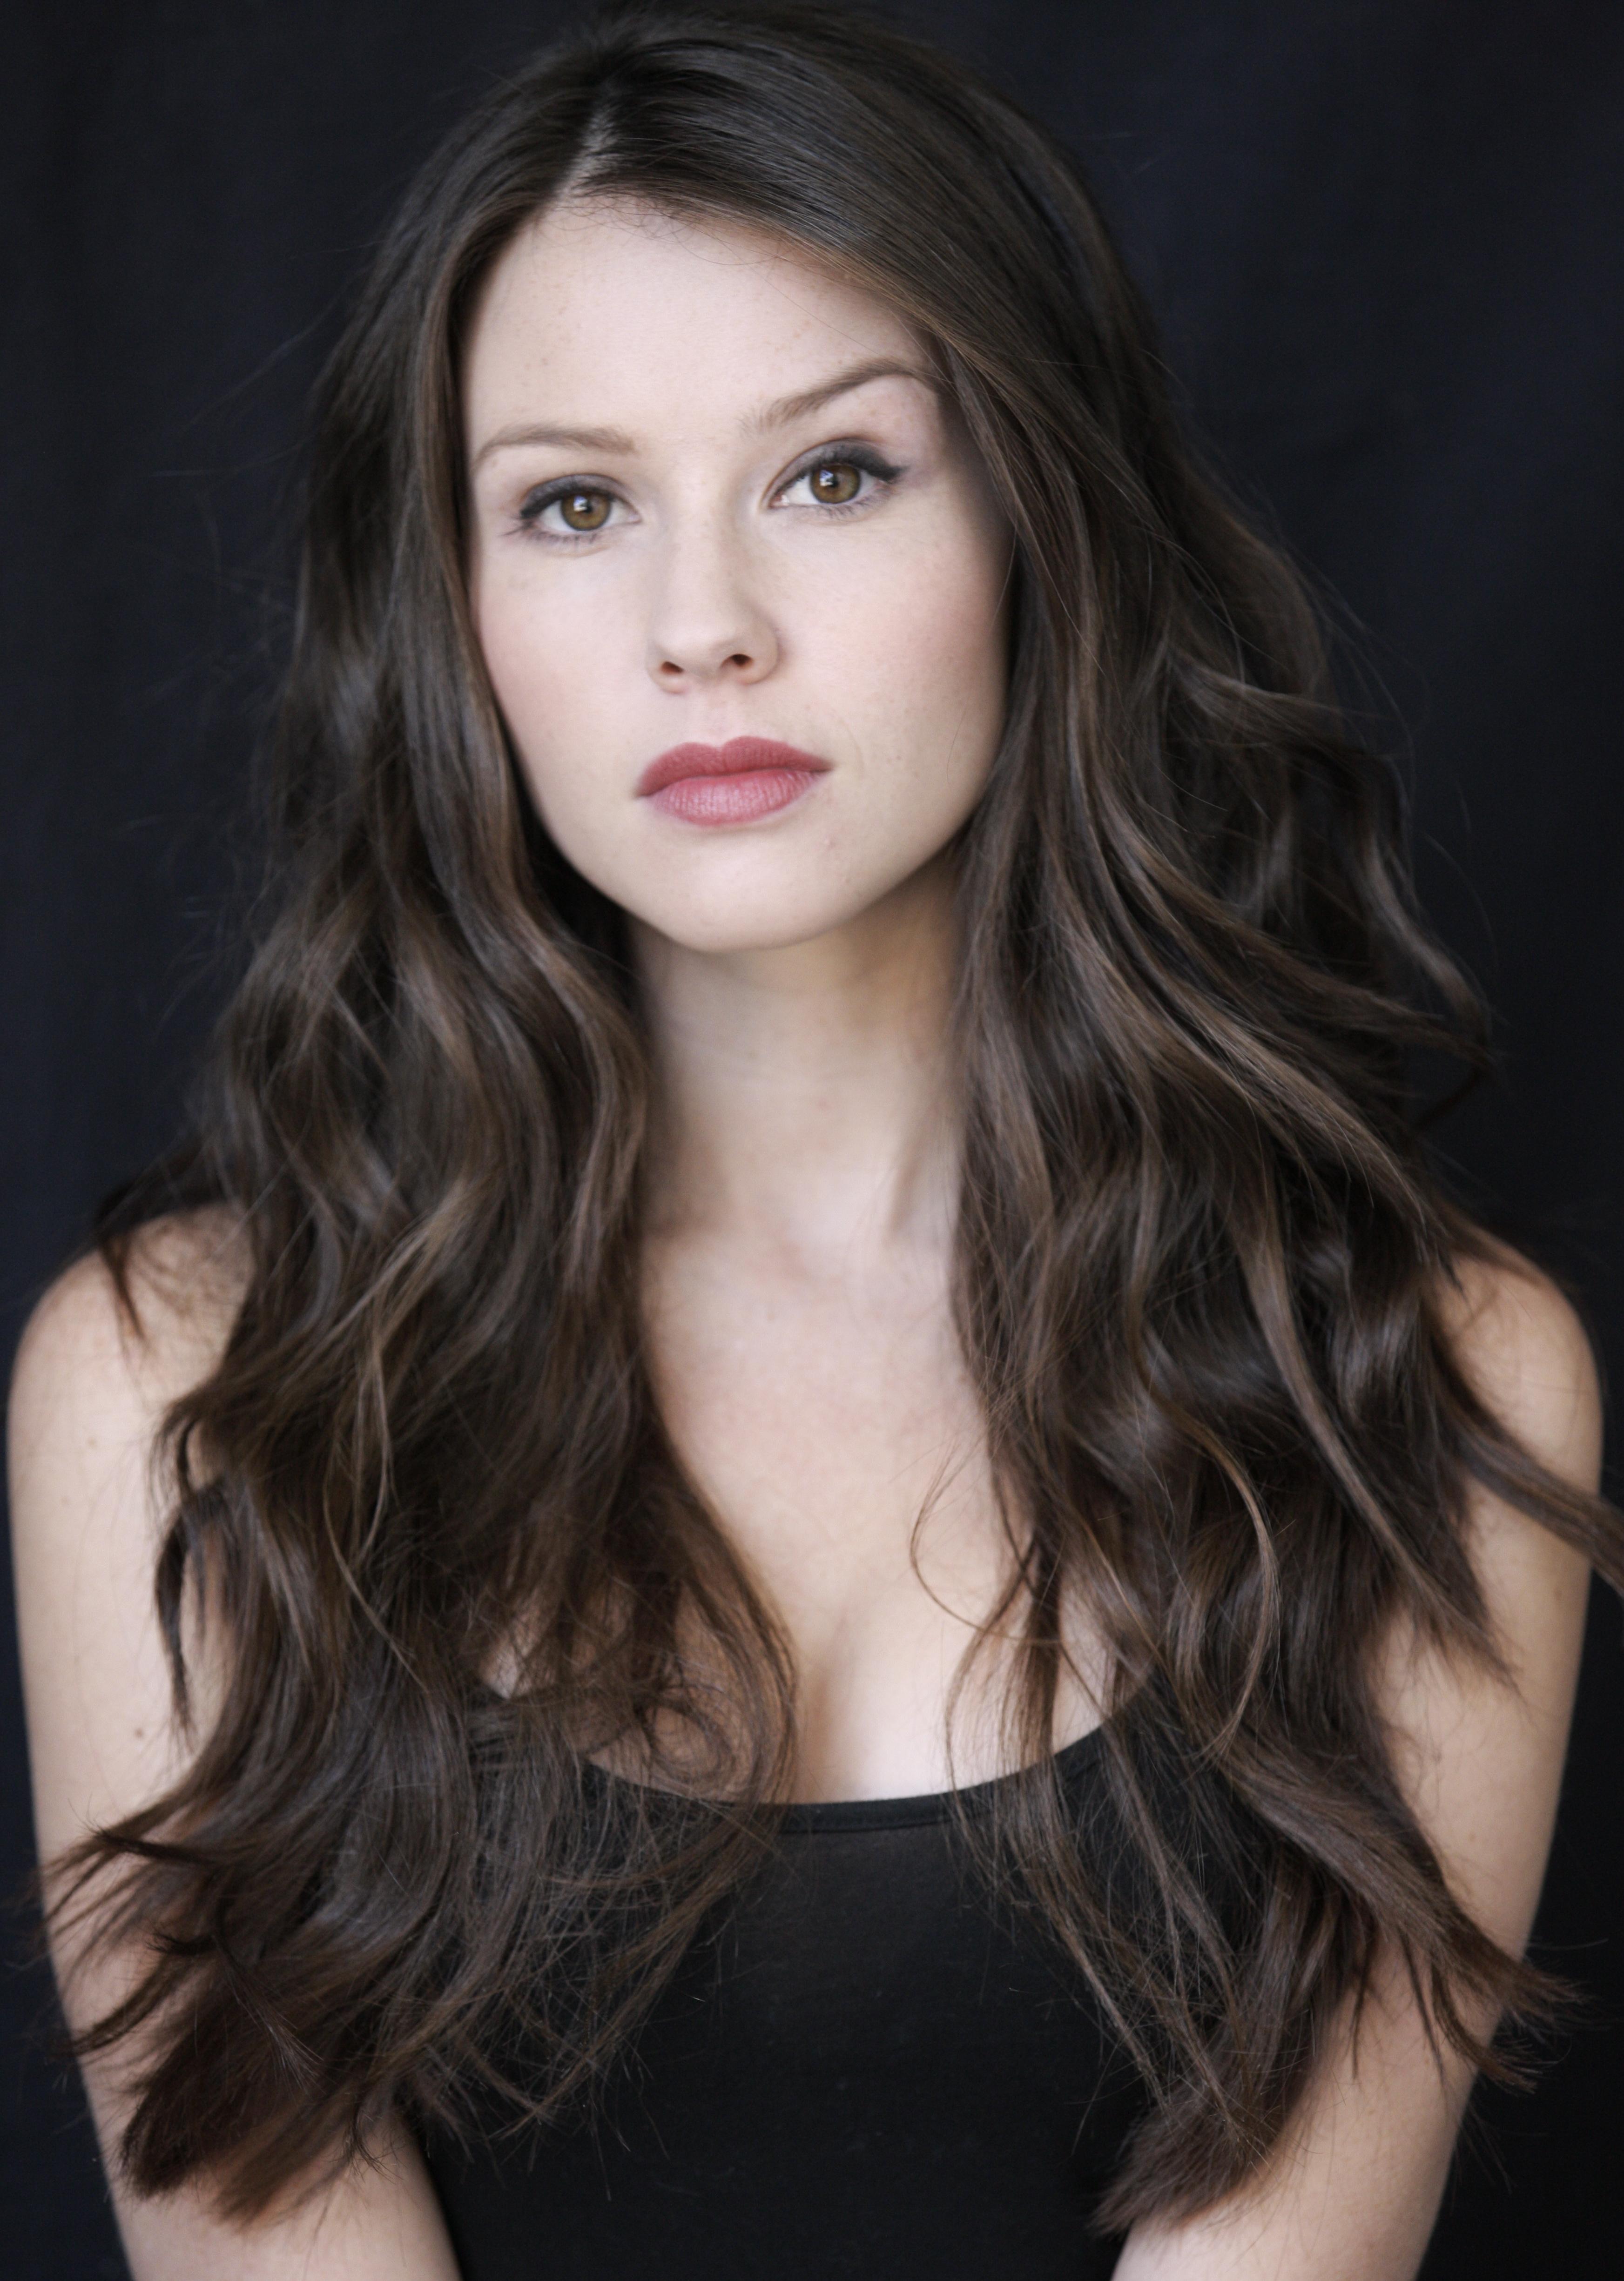 Jenn Proske